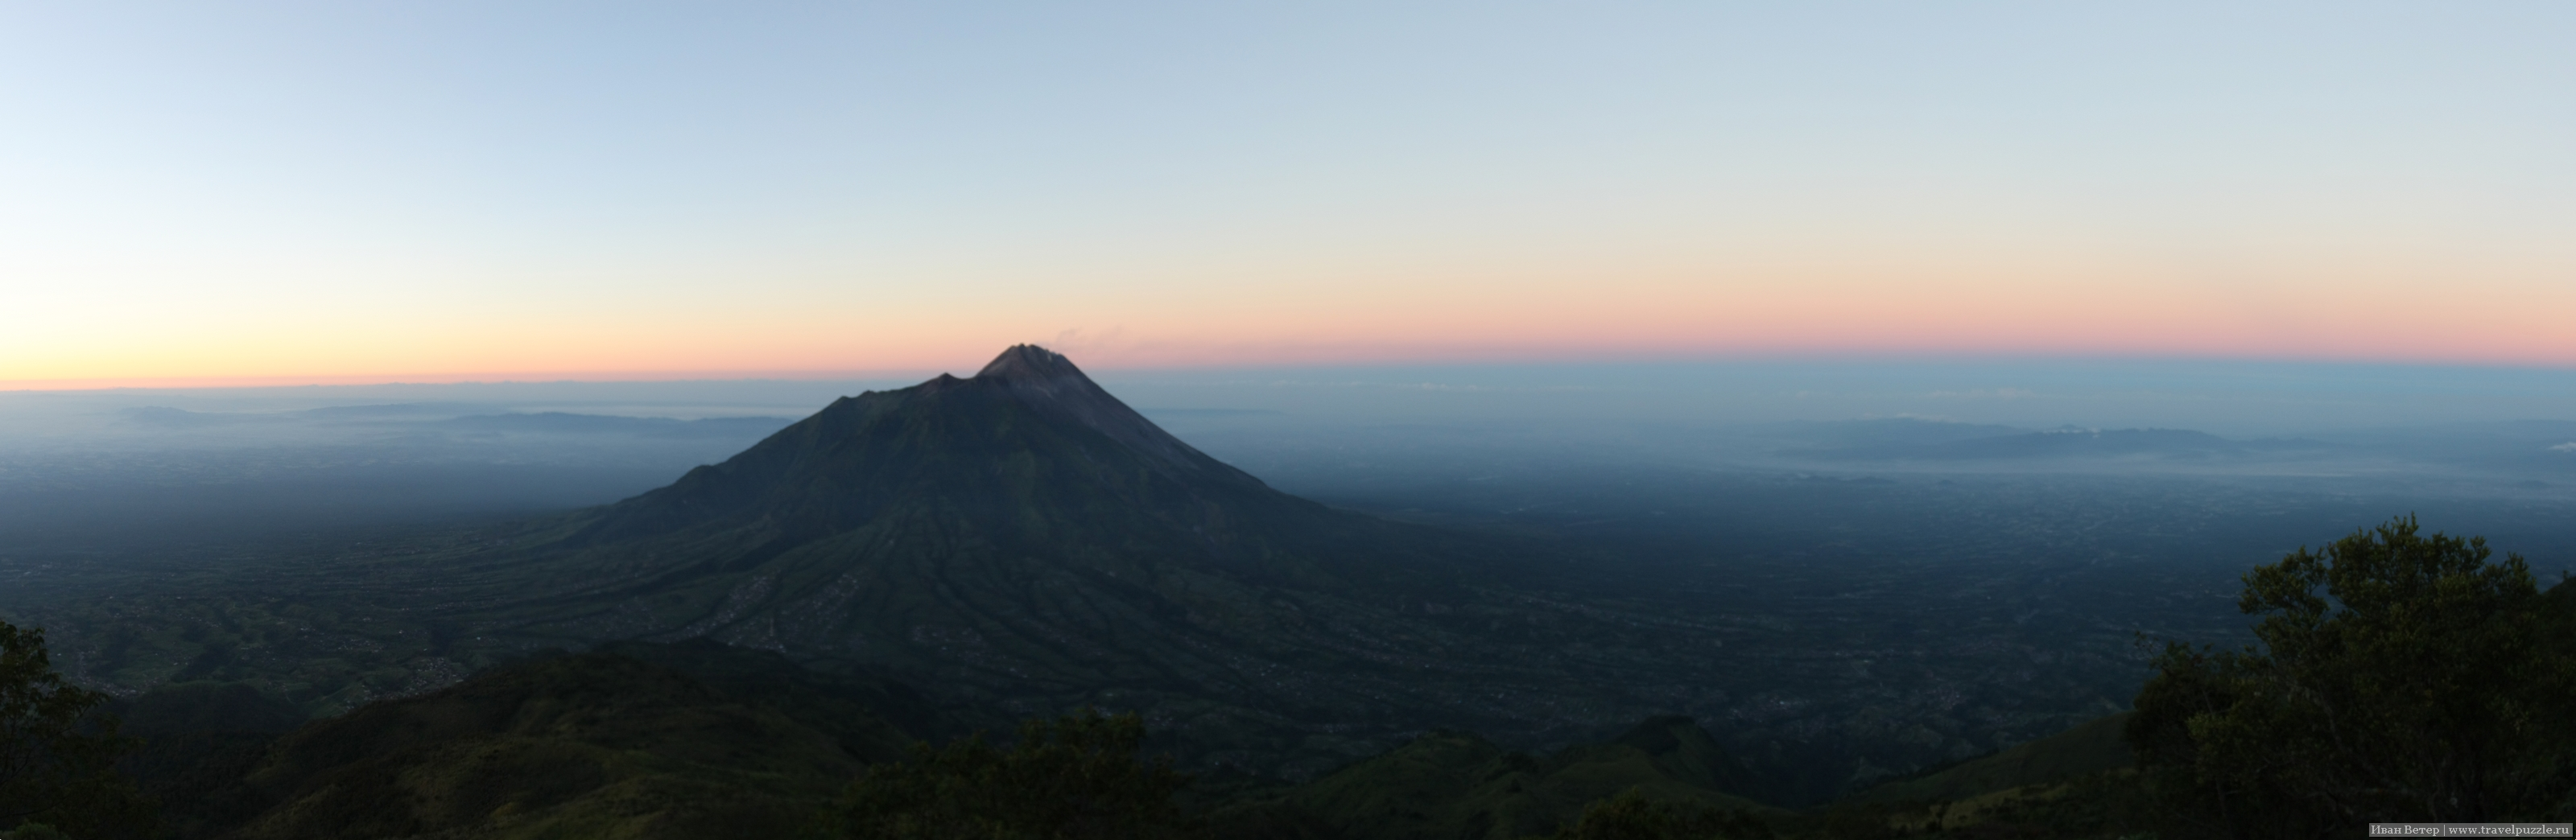 Рассветная панорама с Мербабу